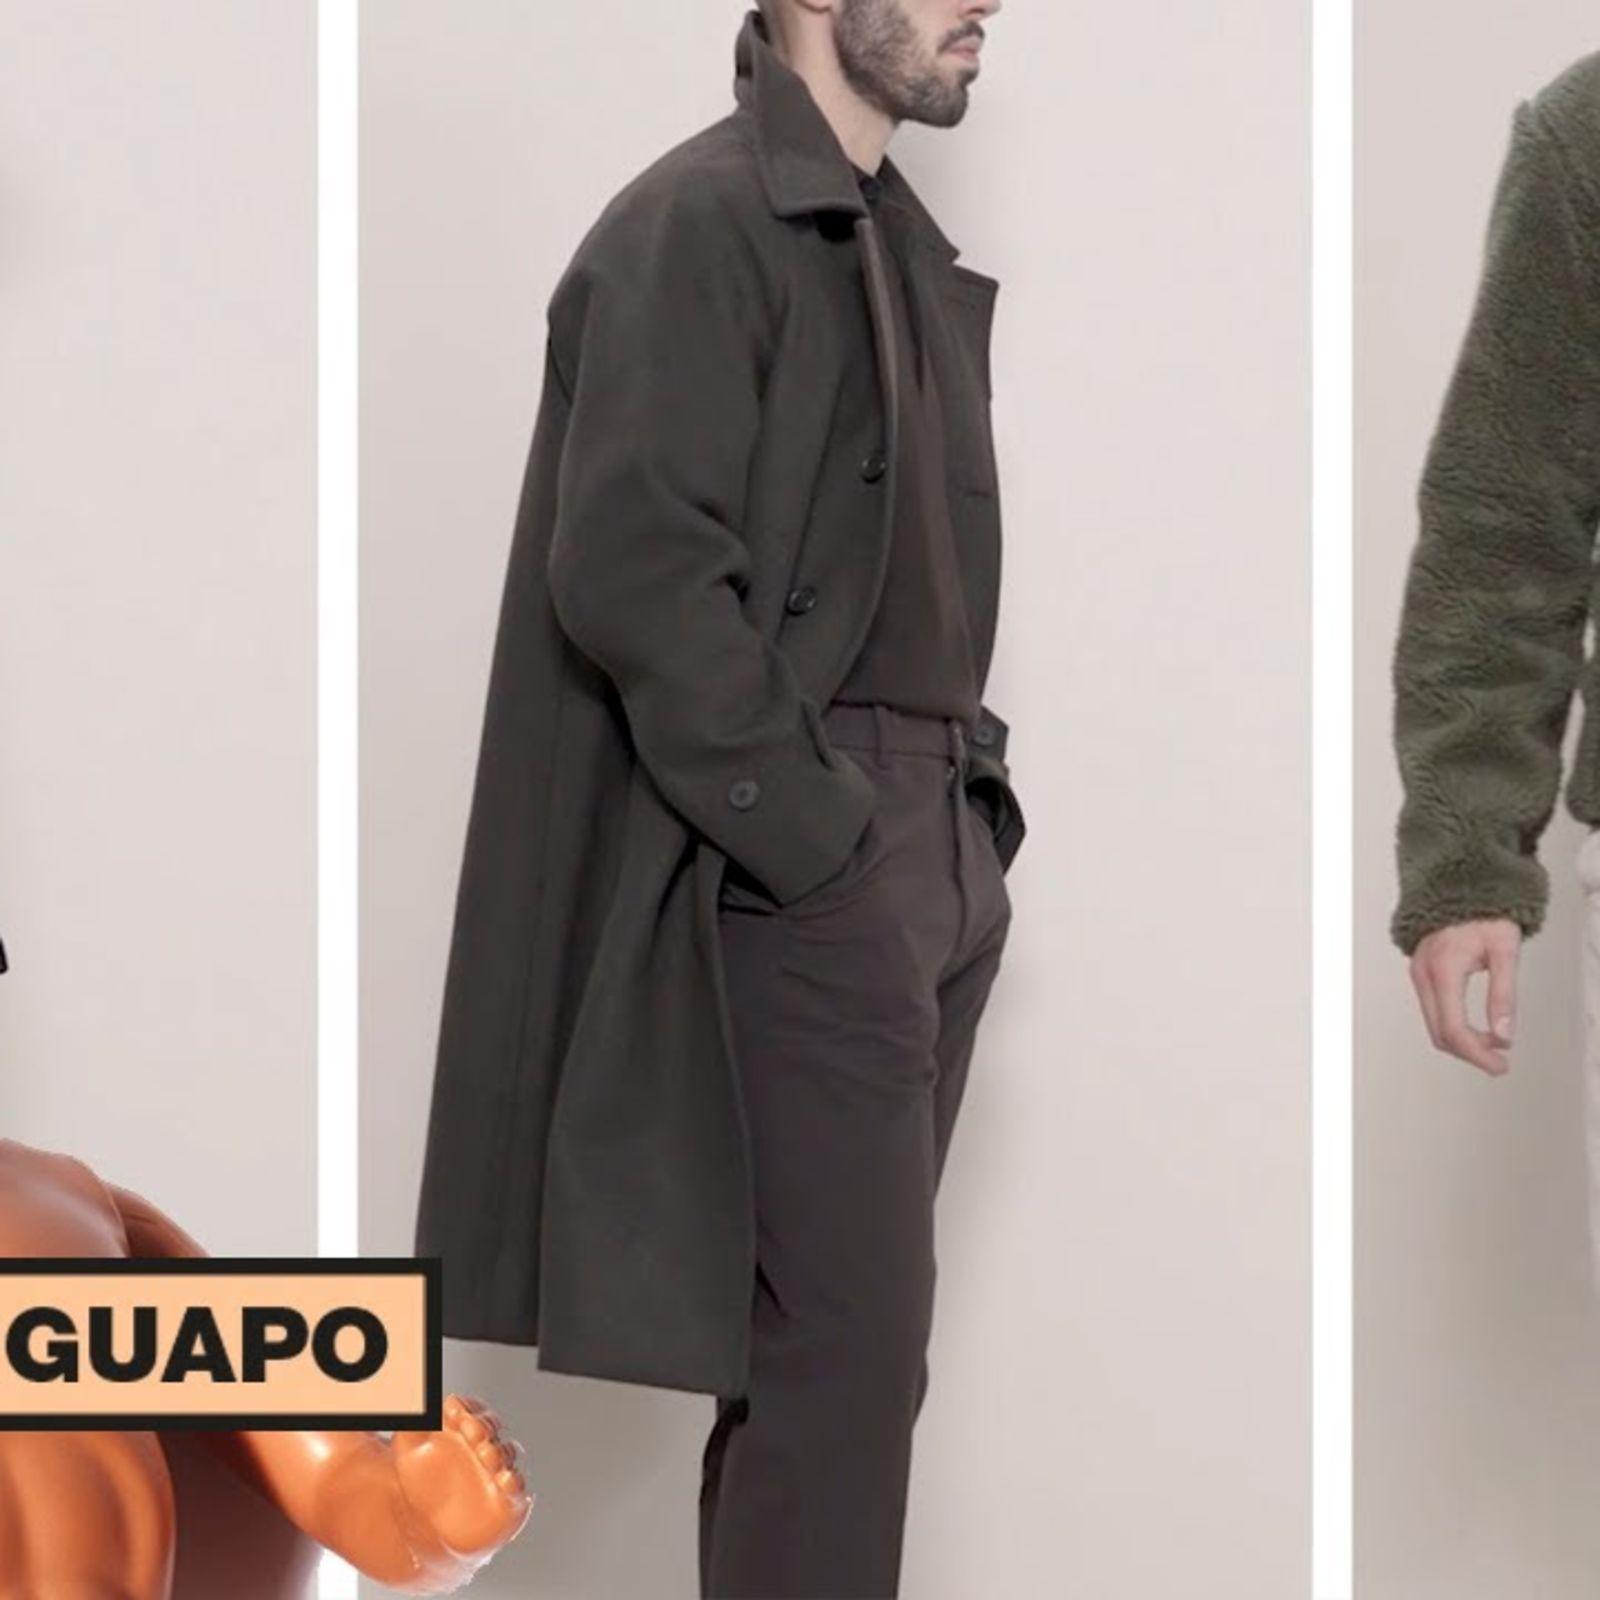 Cómo vestir bien en invierno con ropa básica y los accesorios de moda | Está to guapo